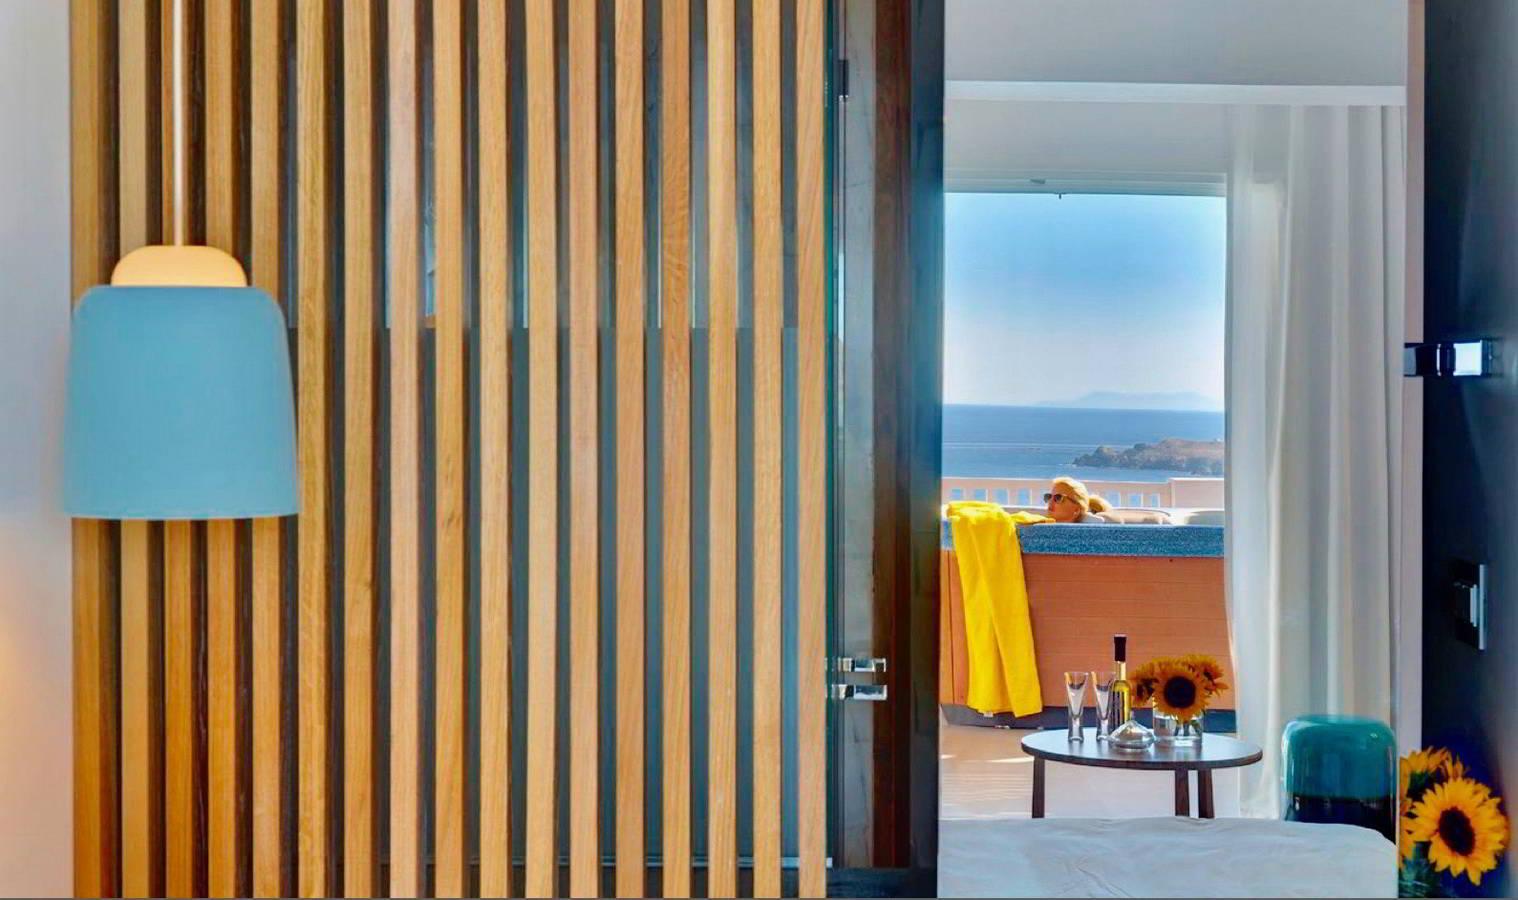 mykonian-k-hotels_styling_hara-kontaxaki_15